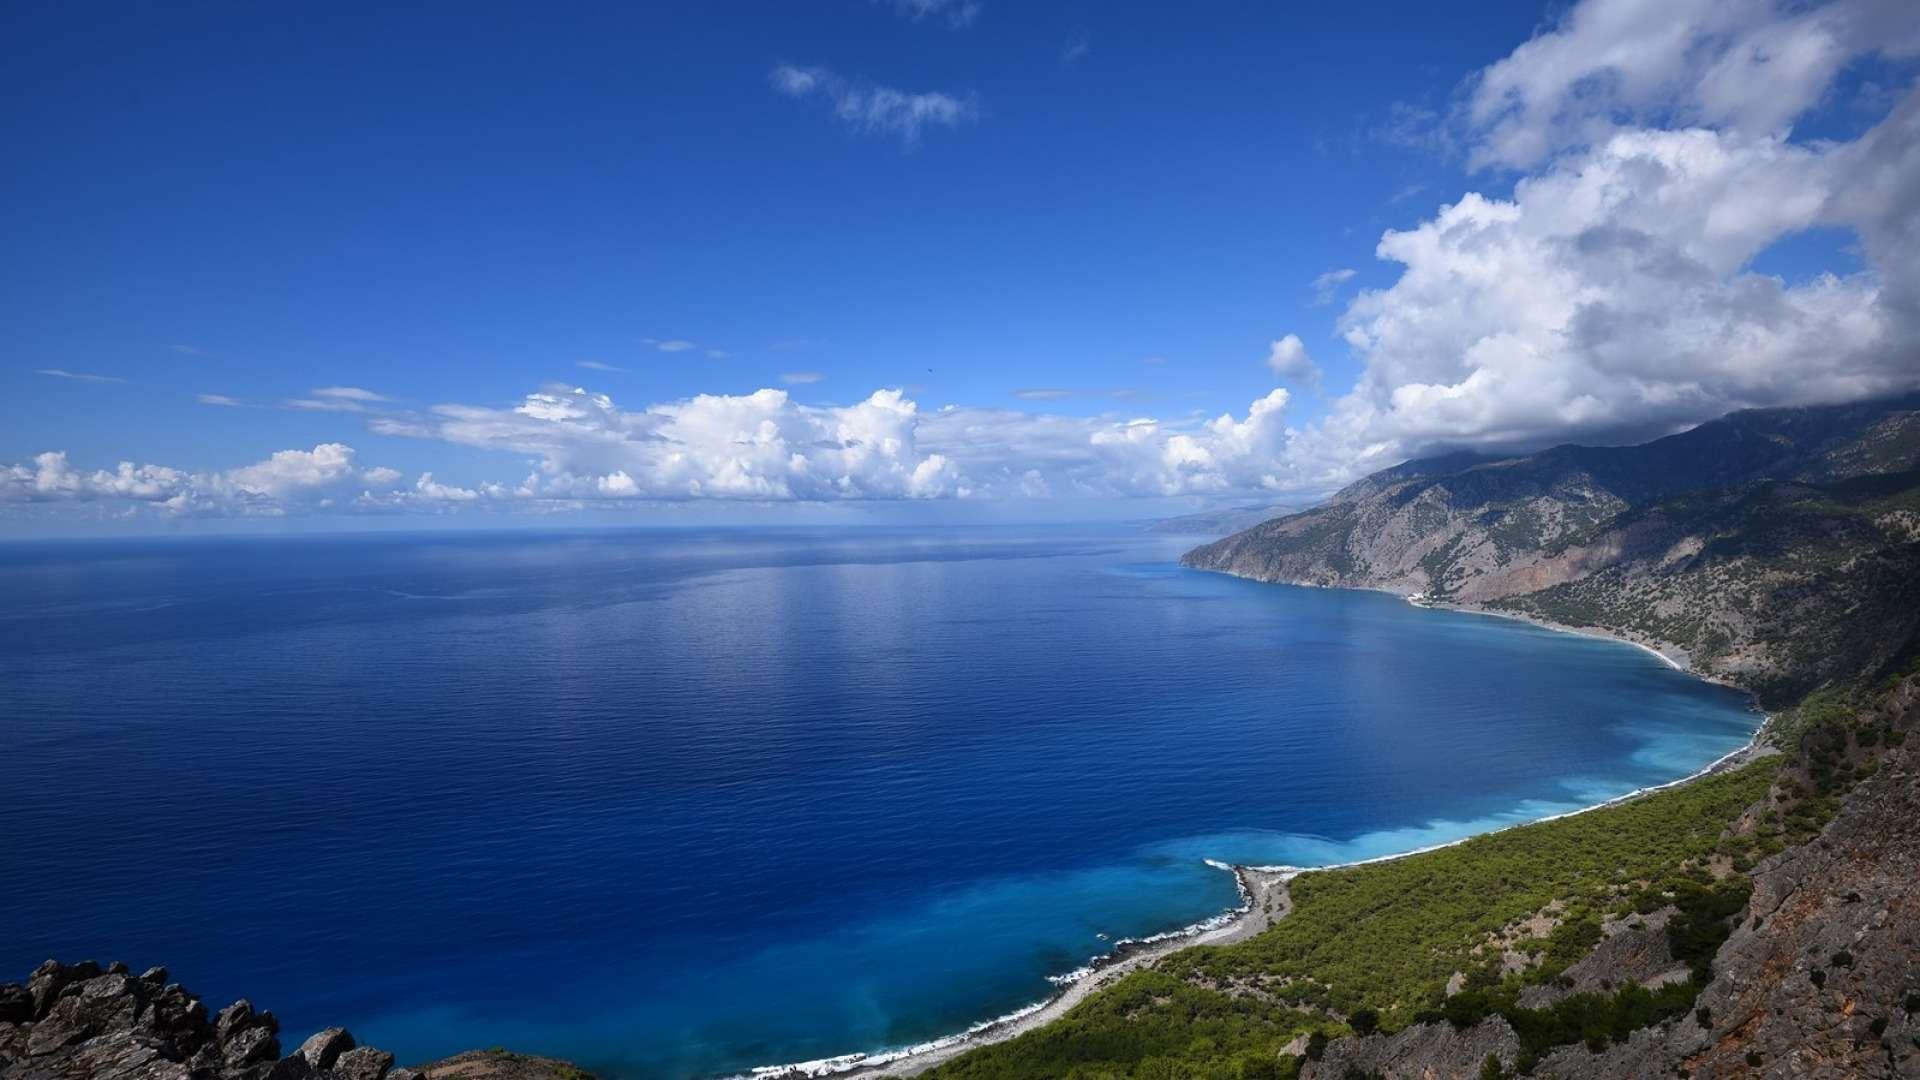 An ocean meeting rocky mountains